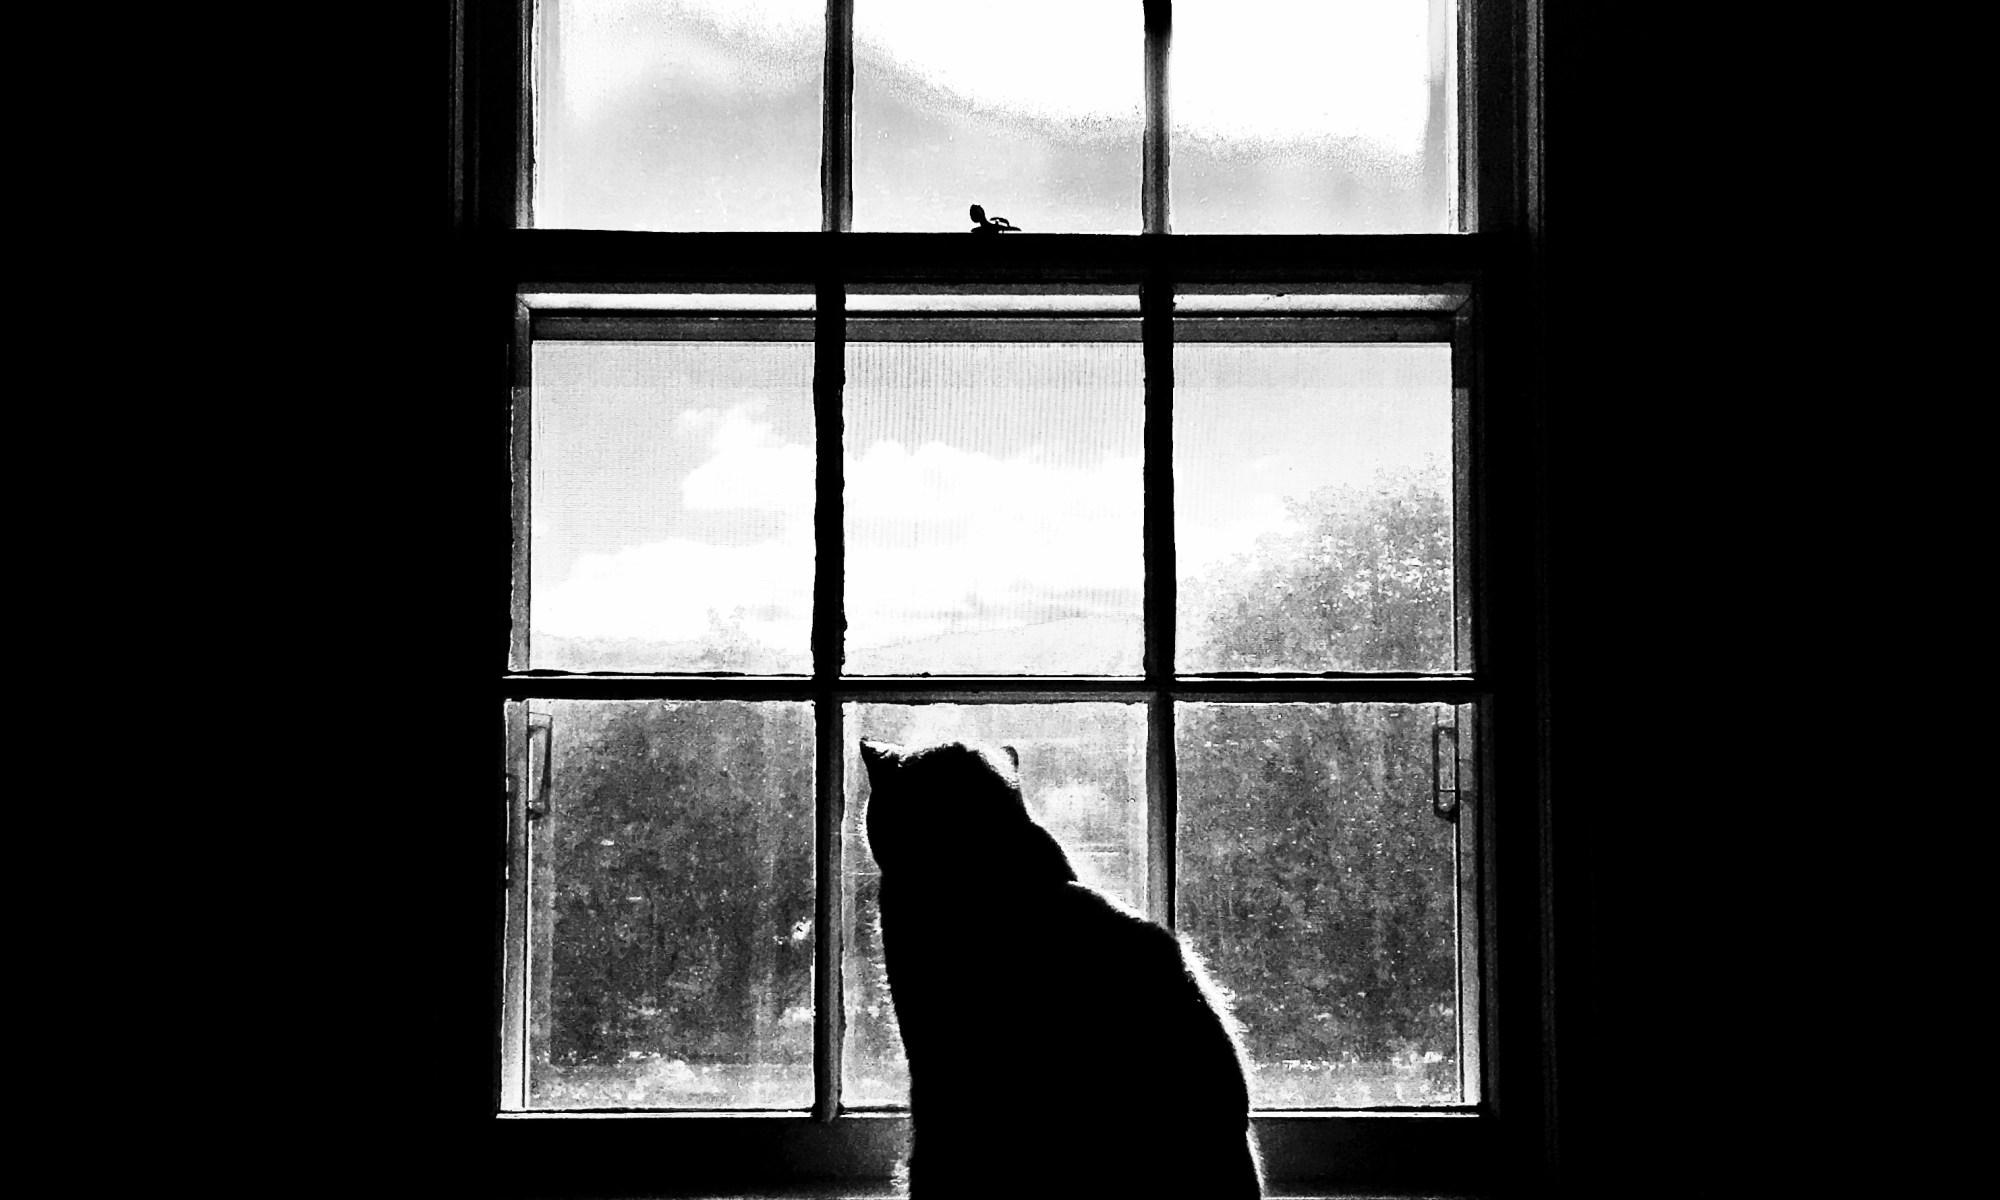 Scrnr, by Tom Fahy